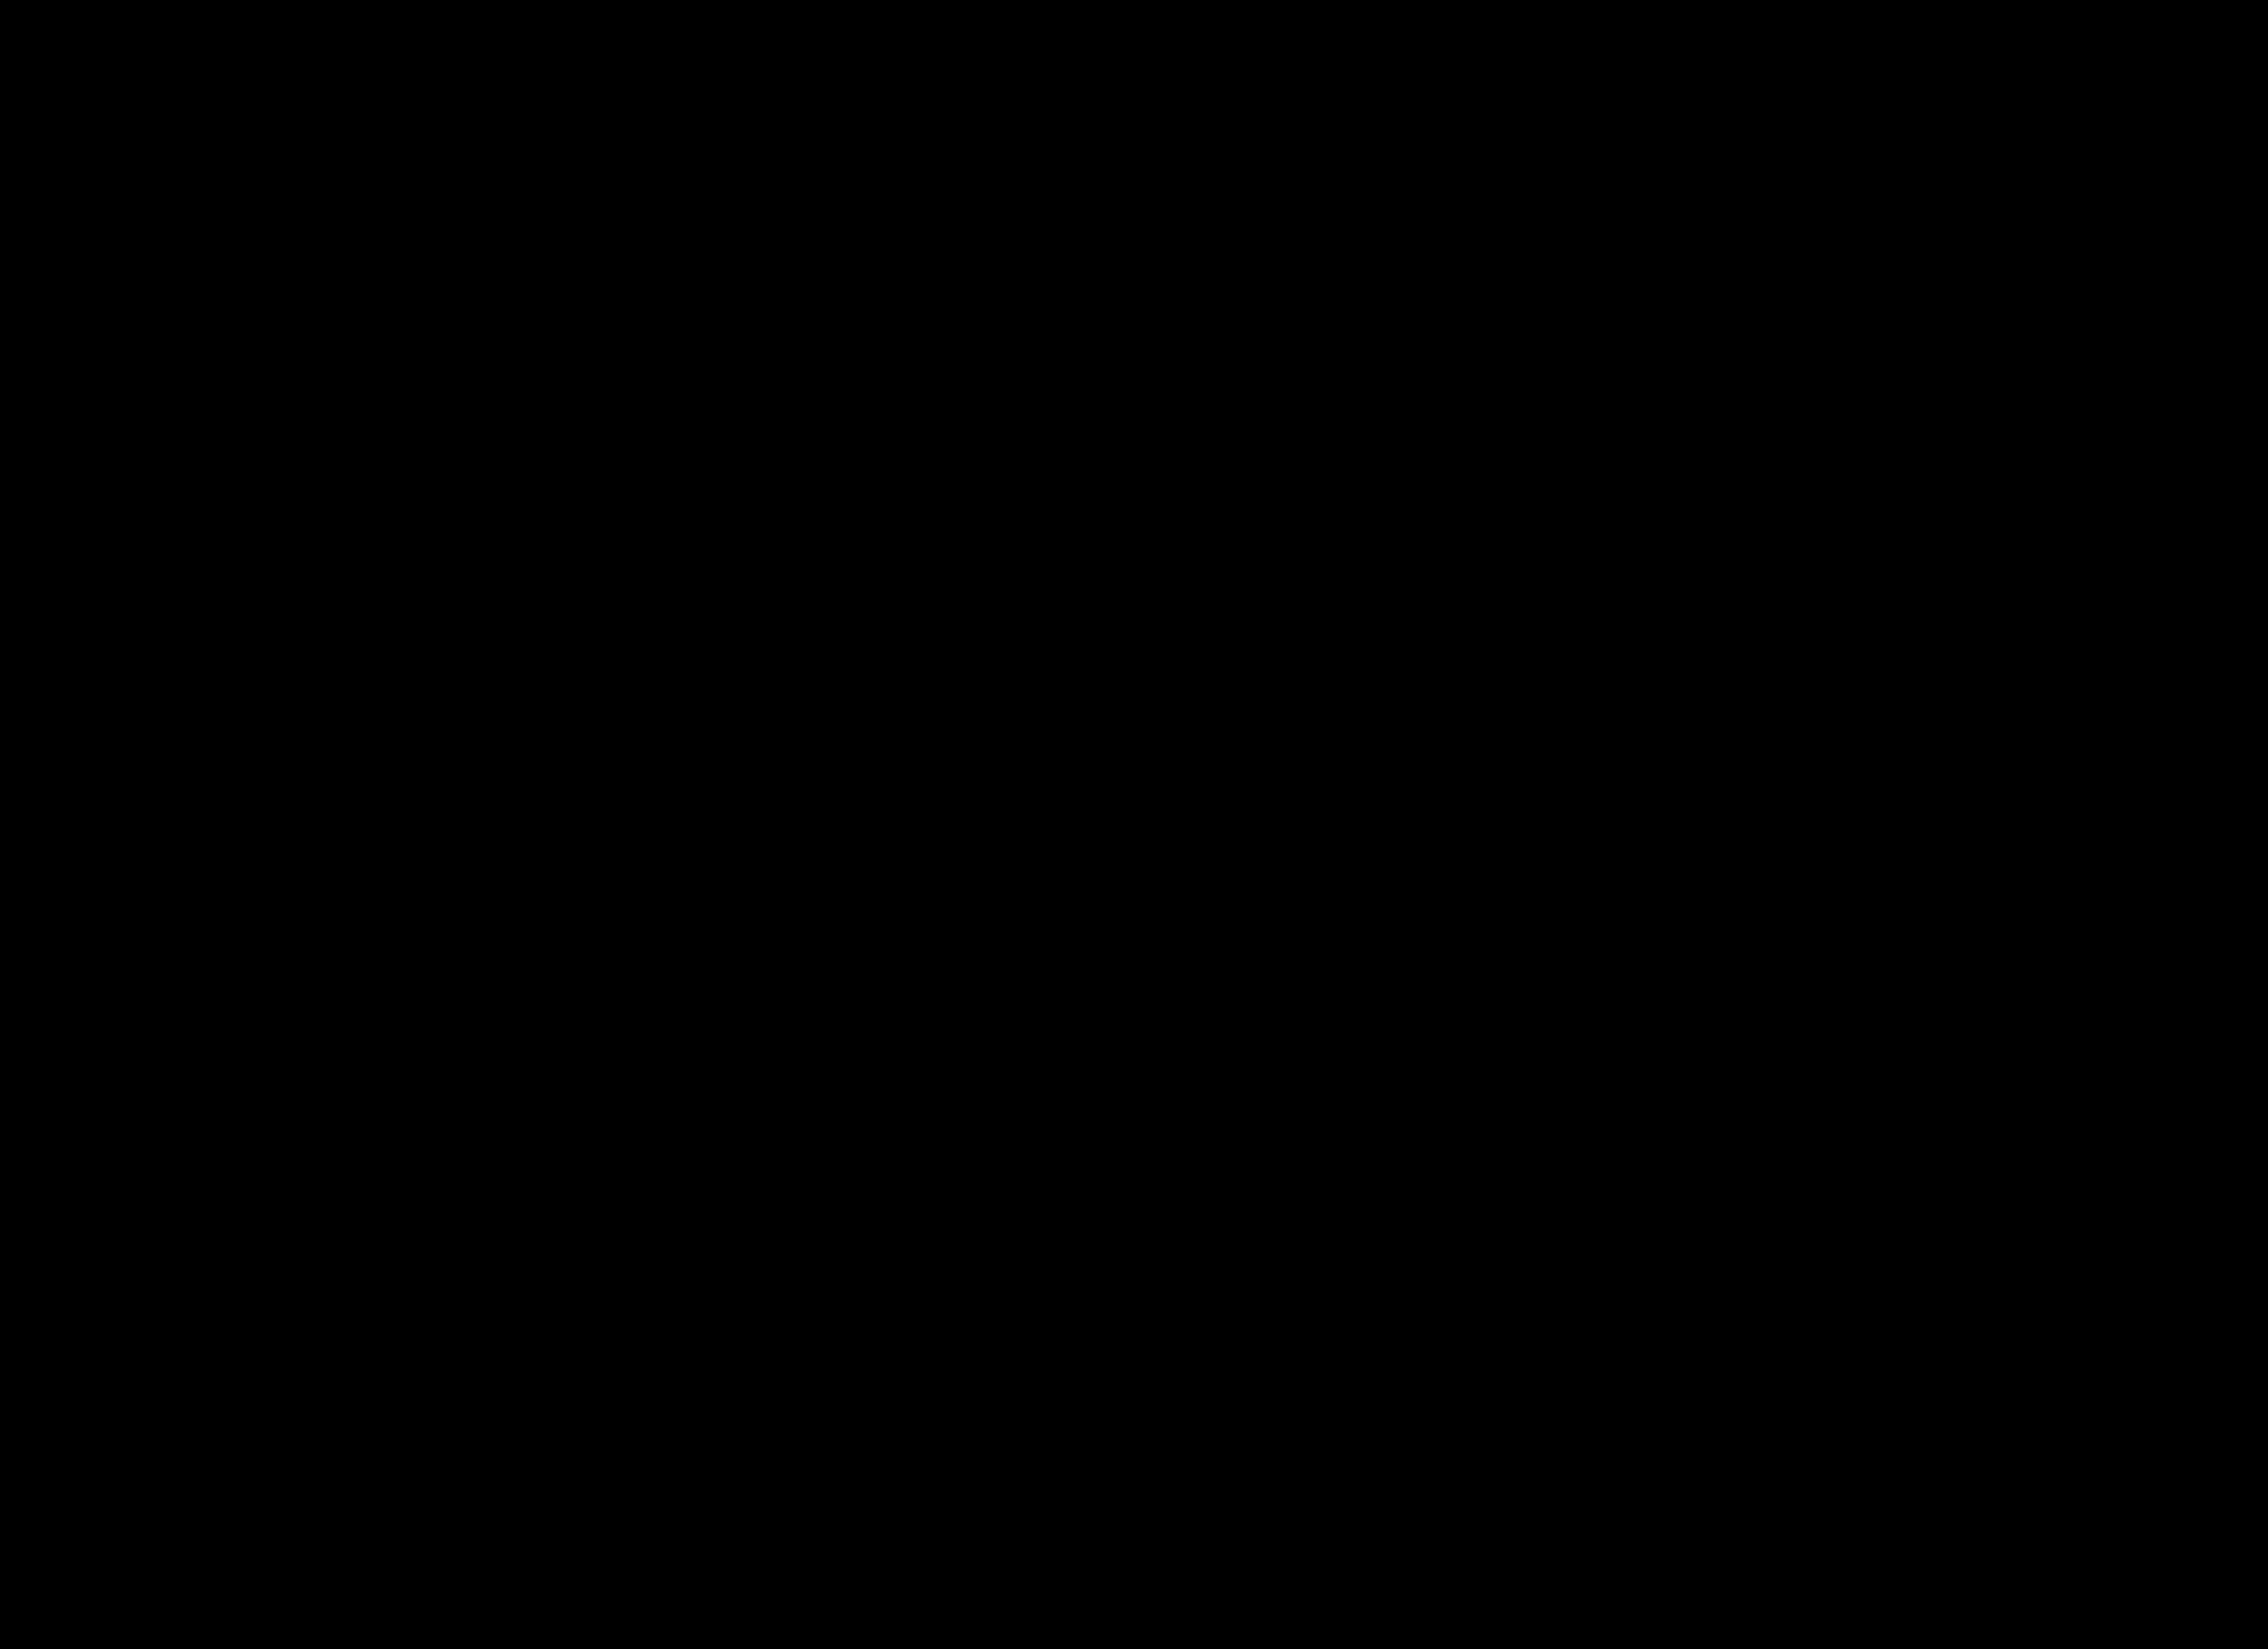 cam show tantra massage denmark